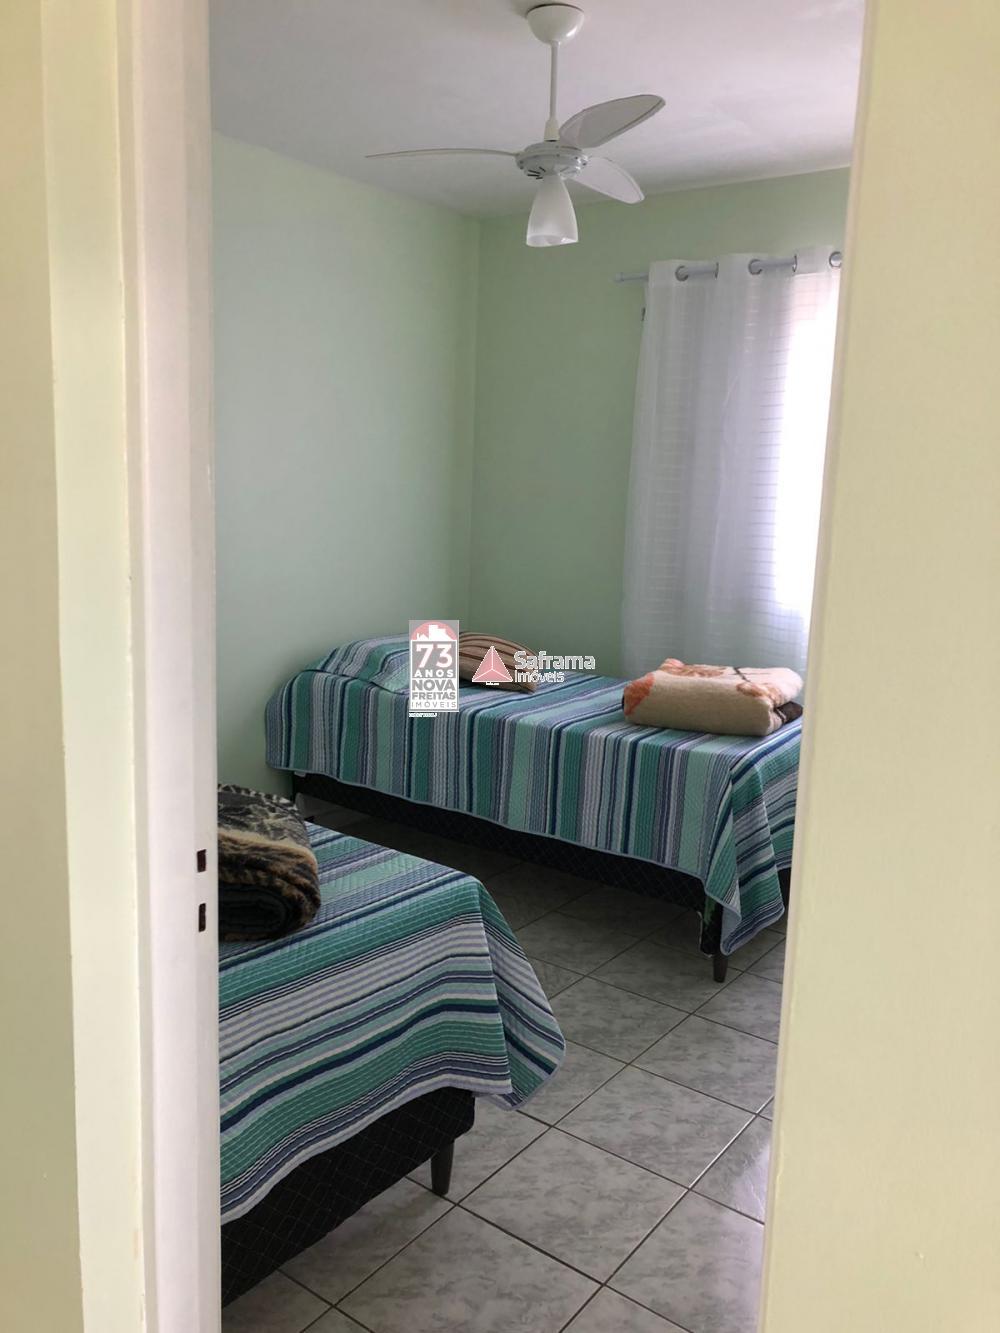 Comprar Apartamento / Padrão em Caraguatatuba R$ 300.000,00 - Foto 12